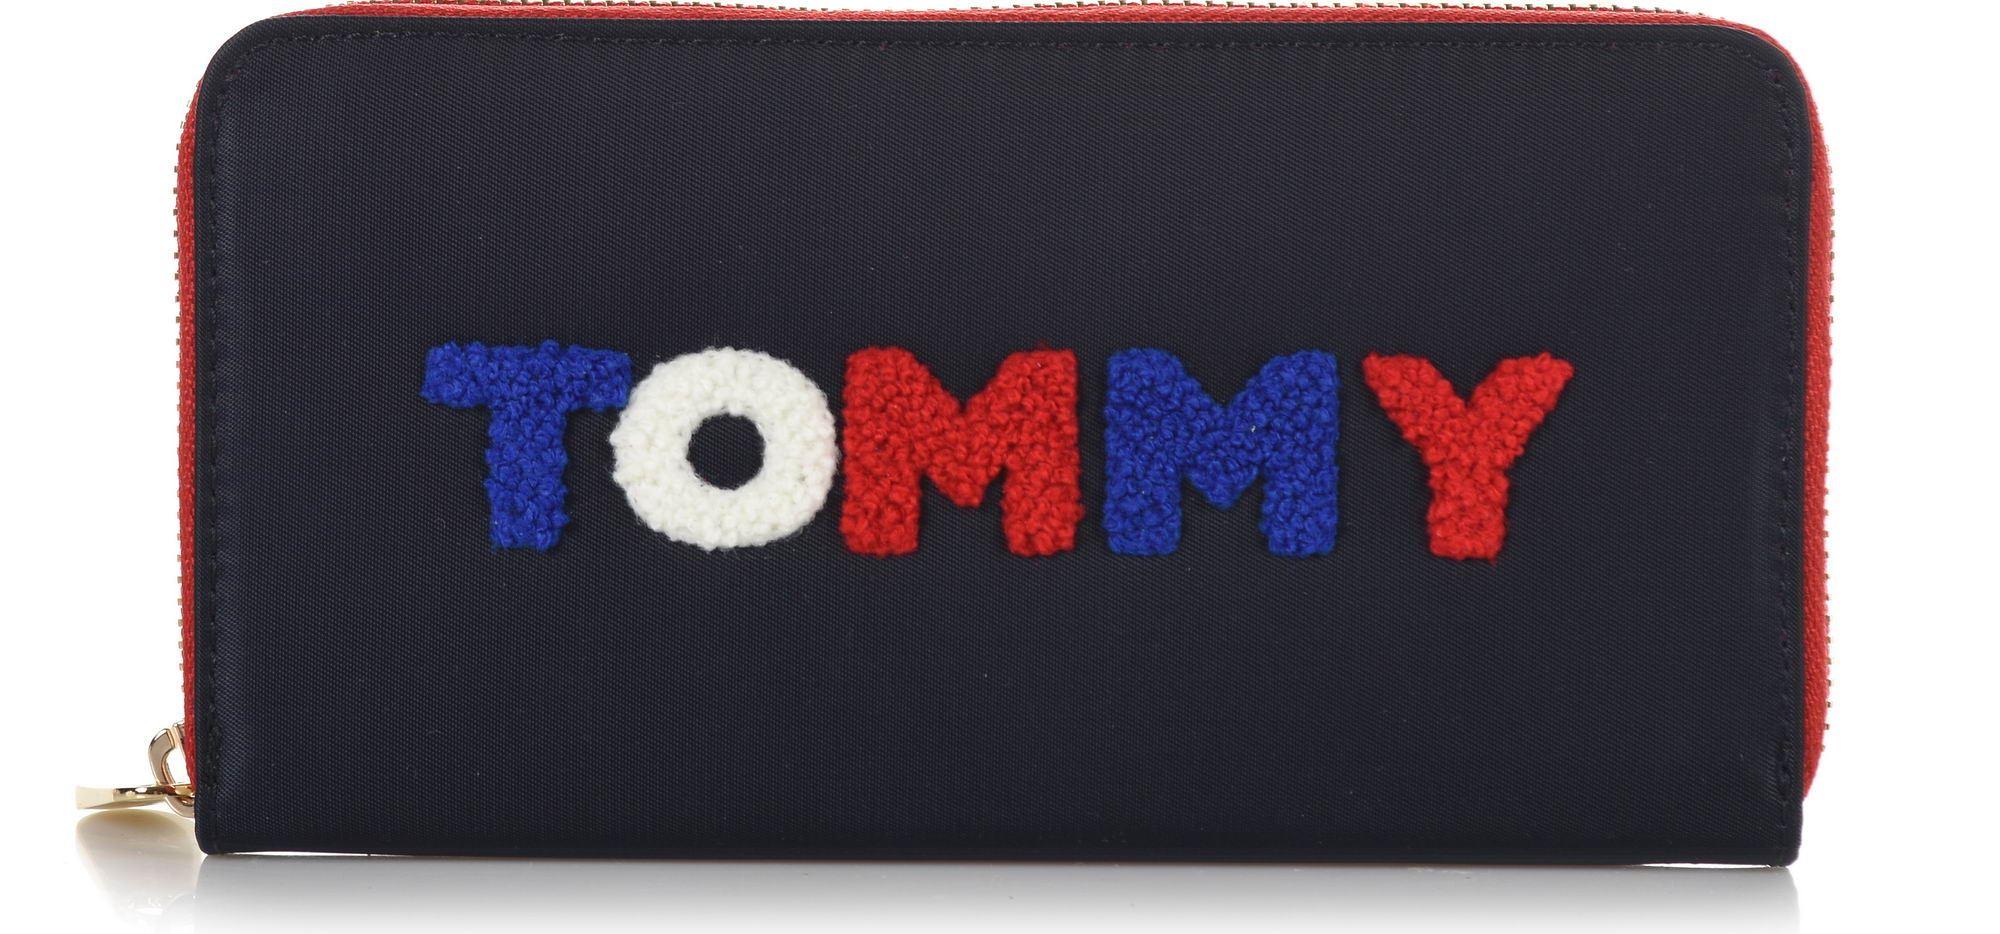 Πορτοφόλι Κασετίνα Tommy Hilfiger Poppy LRG ZA AW0AW05858